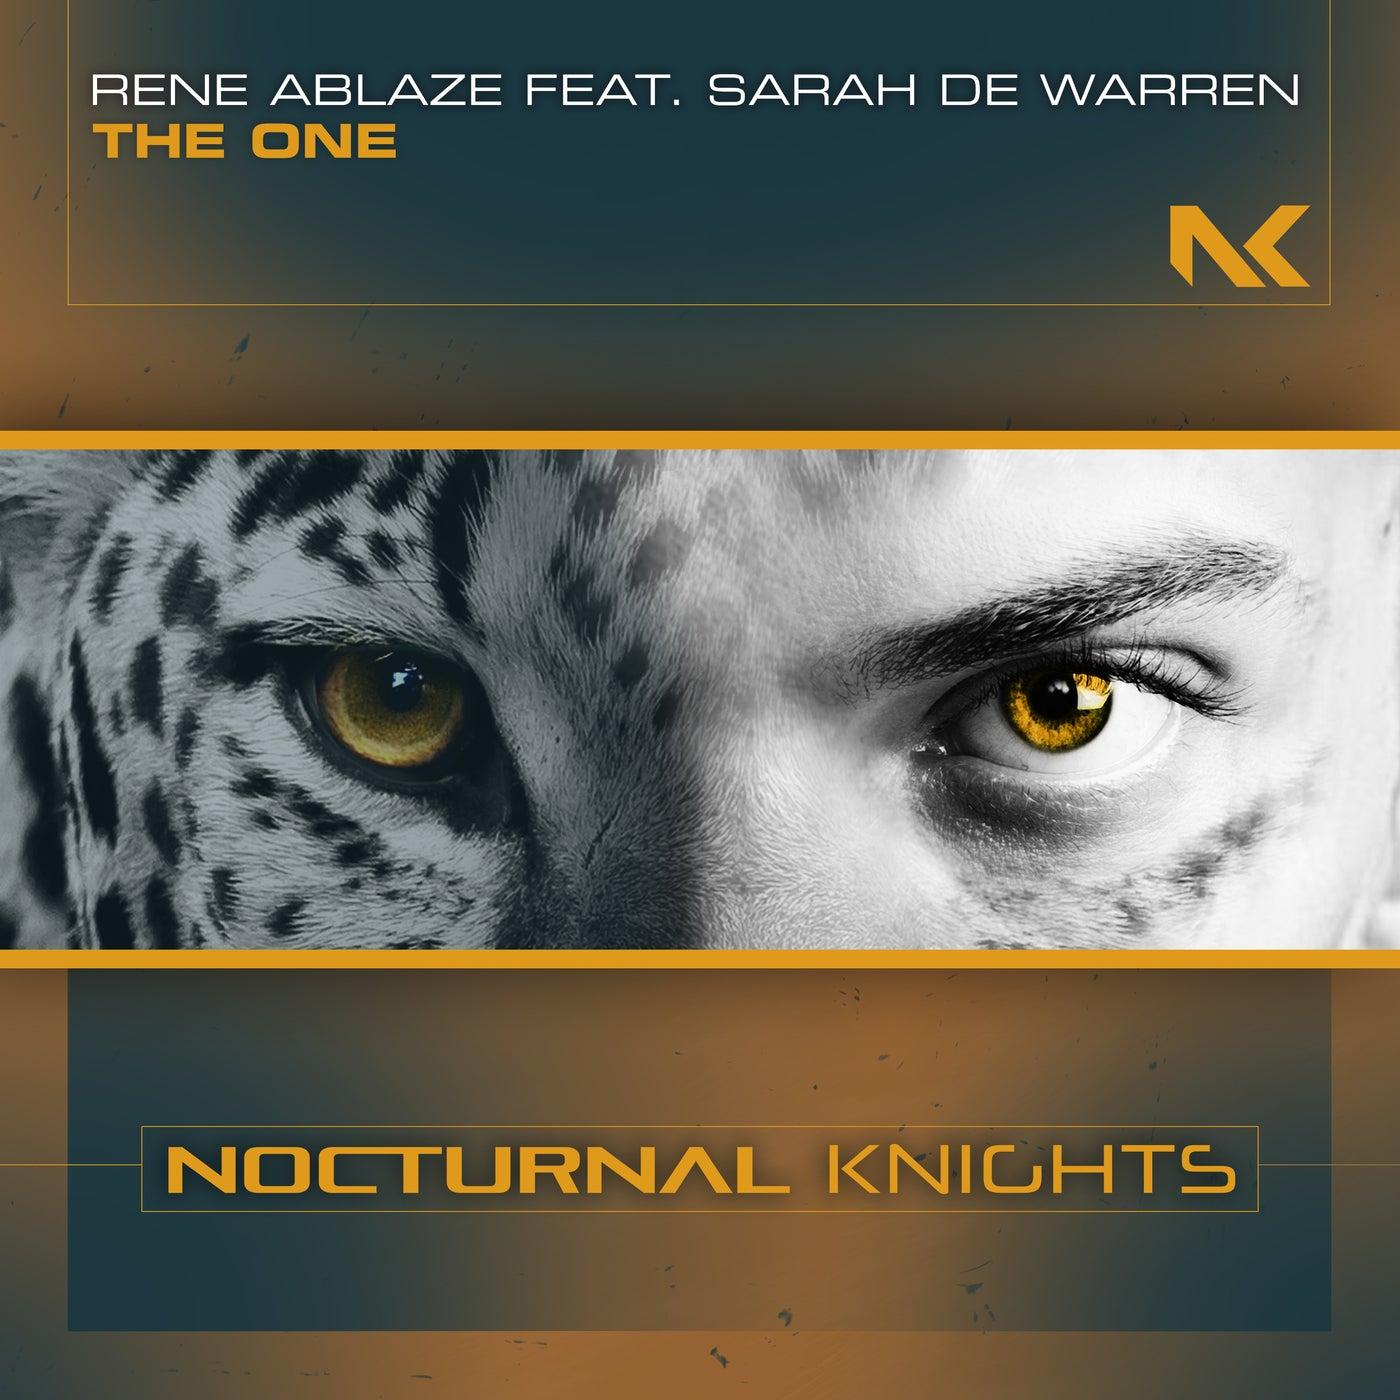 The One feat. Sarah de Warren (Extended Mix)